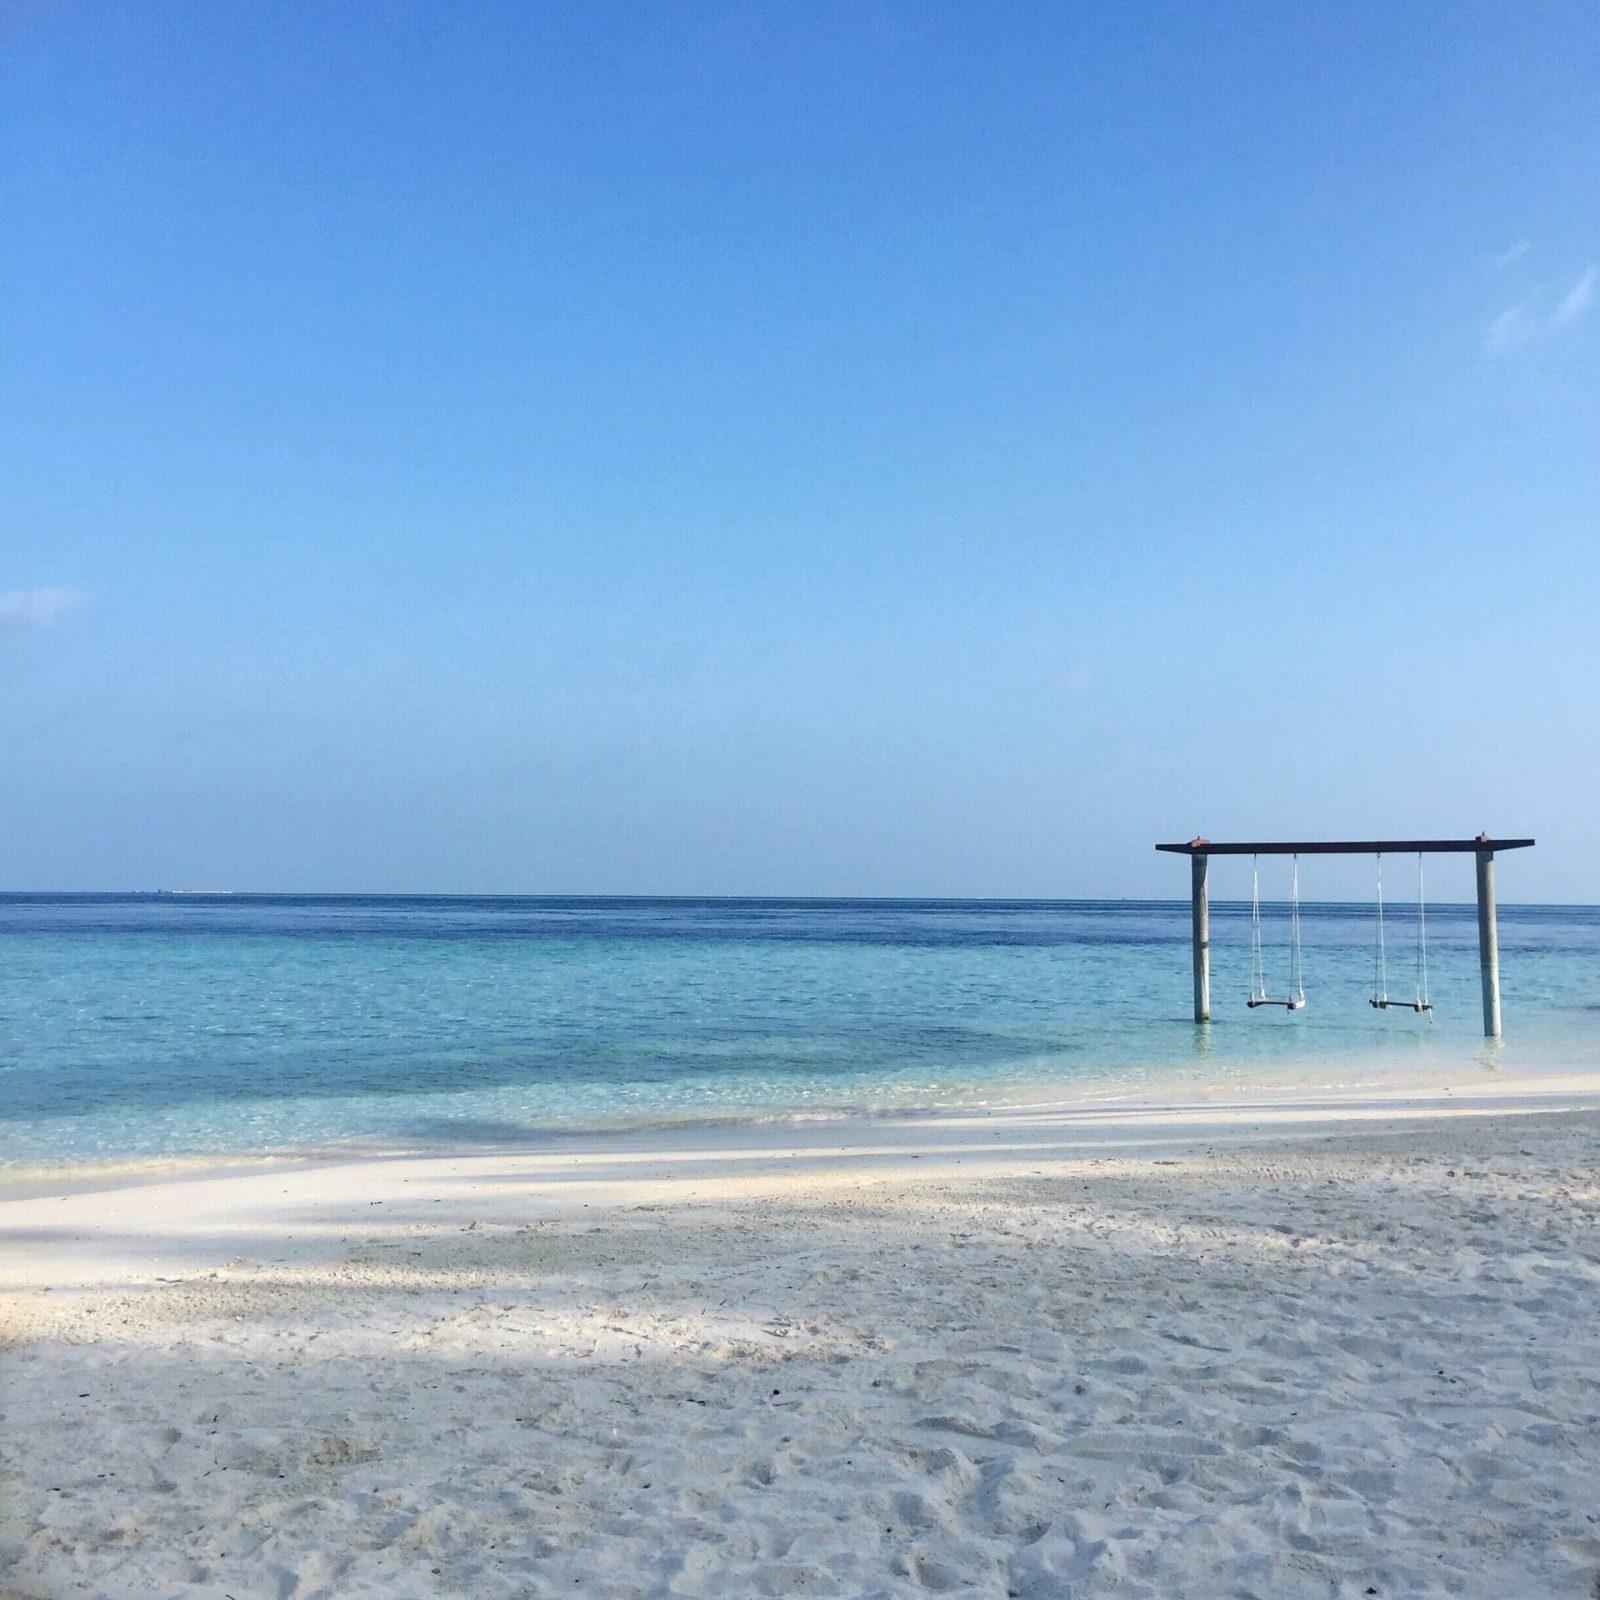 Les maldives, un paradis. Oui mais… / Maldives Islands, heaven. But…